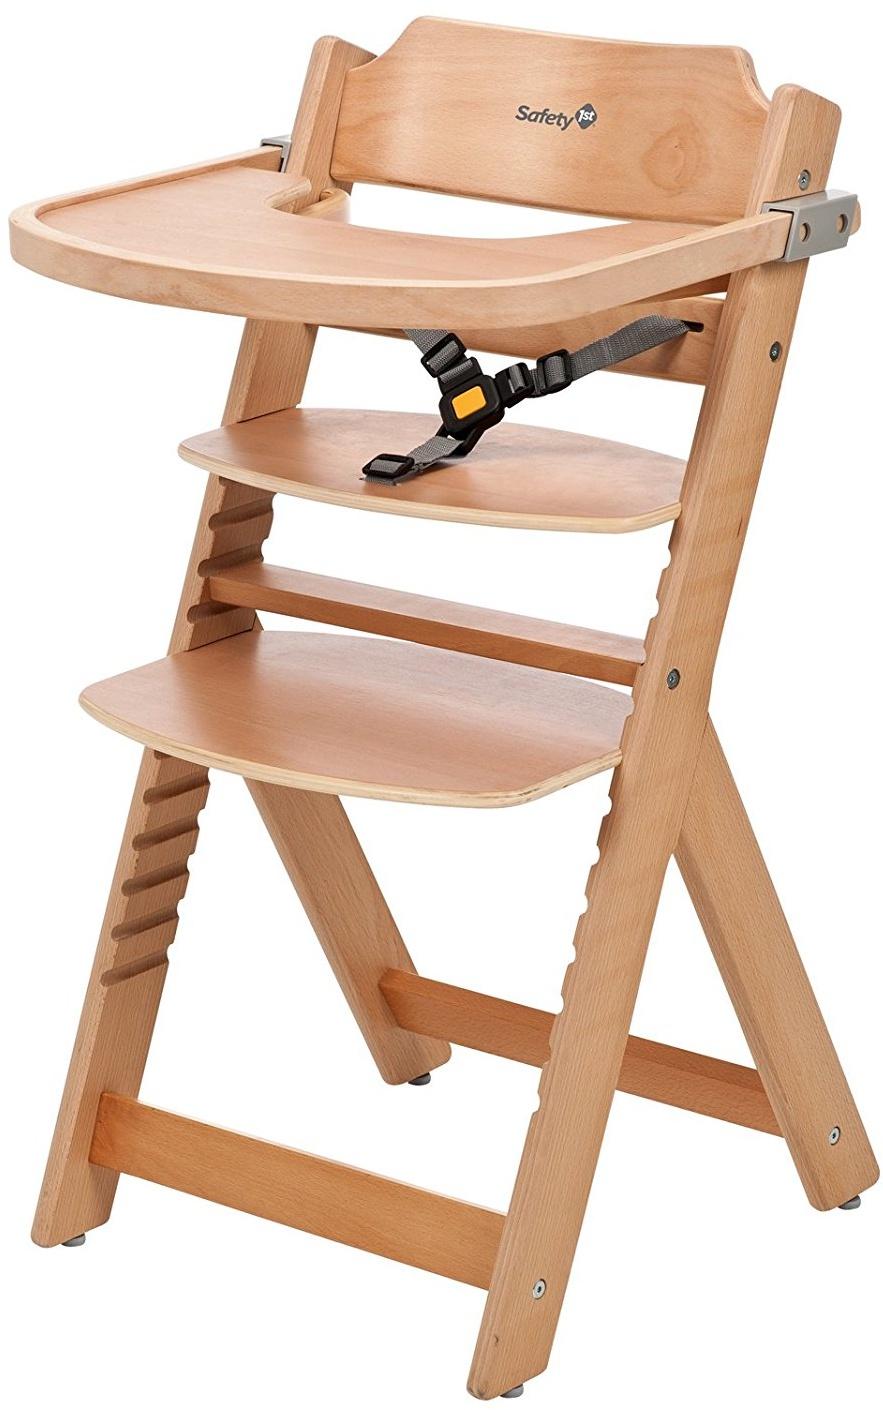 Стульчик для кормления Safety 1st Timba with Tray (без мягкого вкладыша) светло-коричневый стульчик для кормления геоби